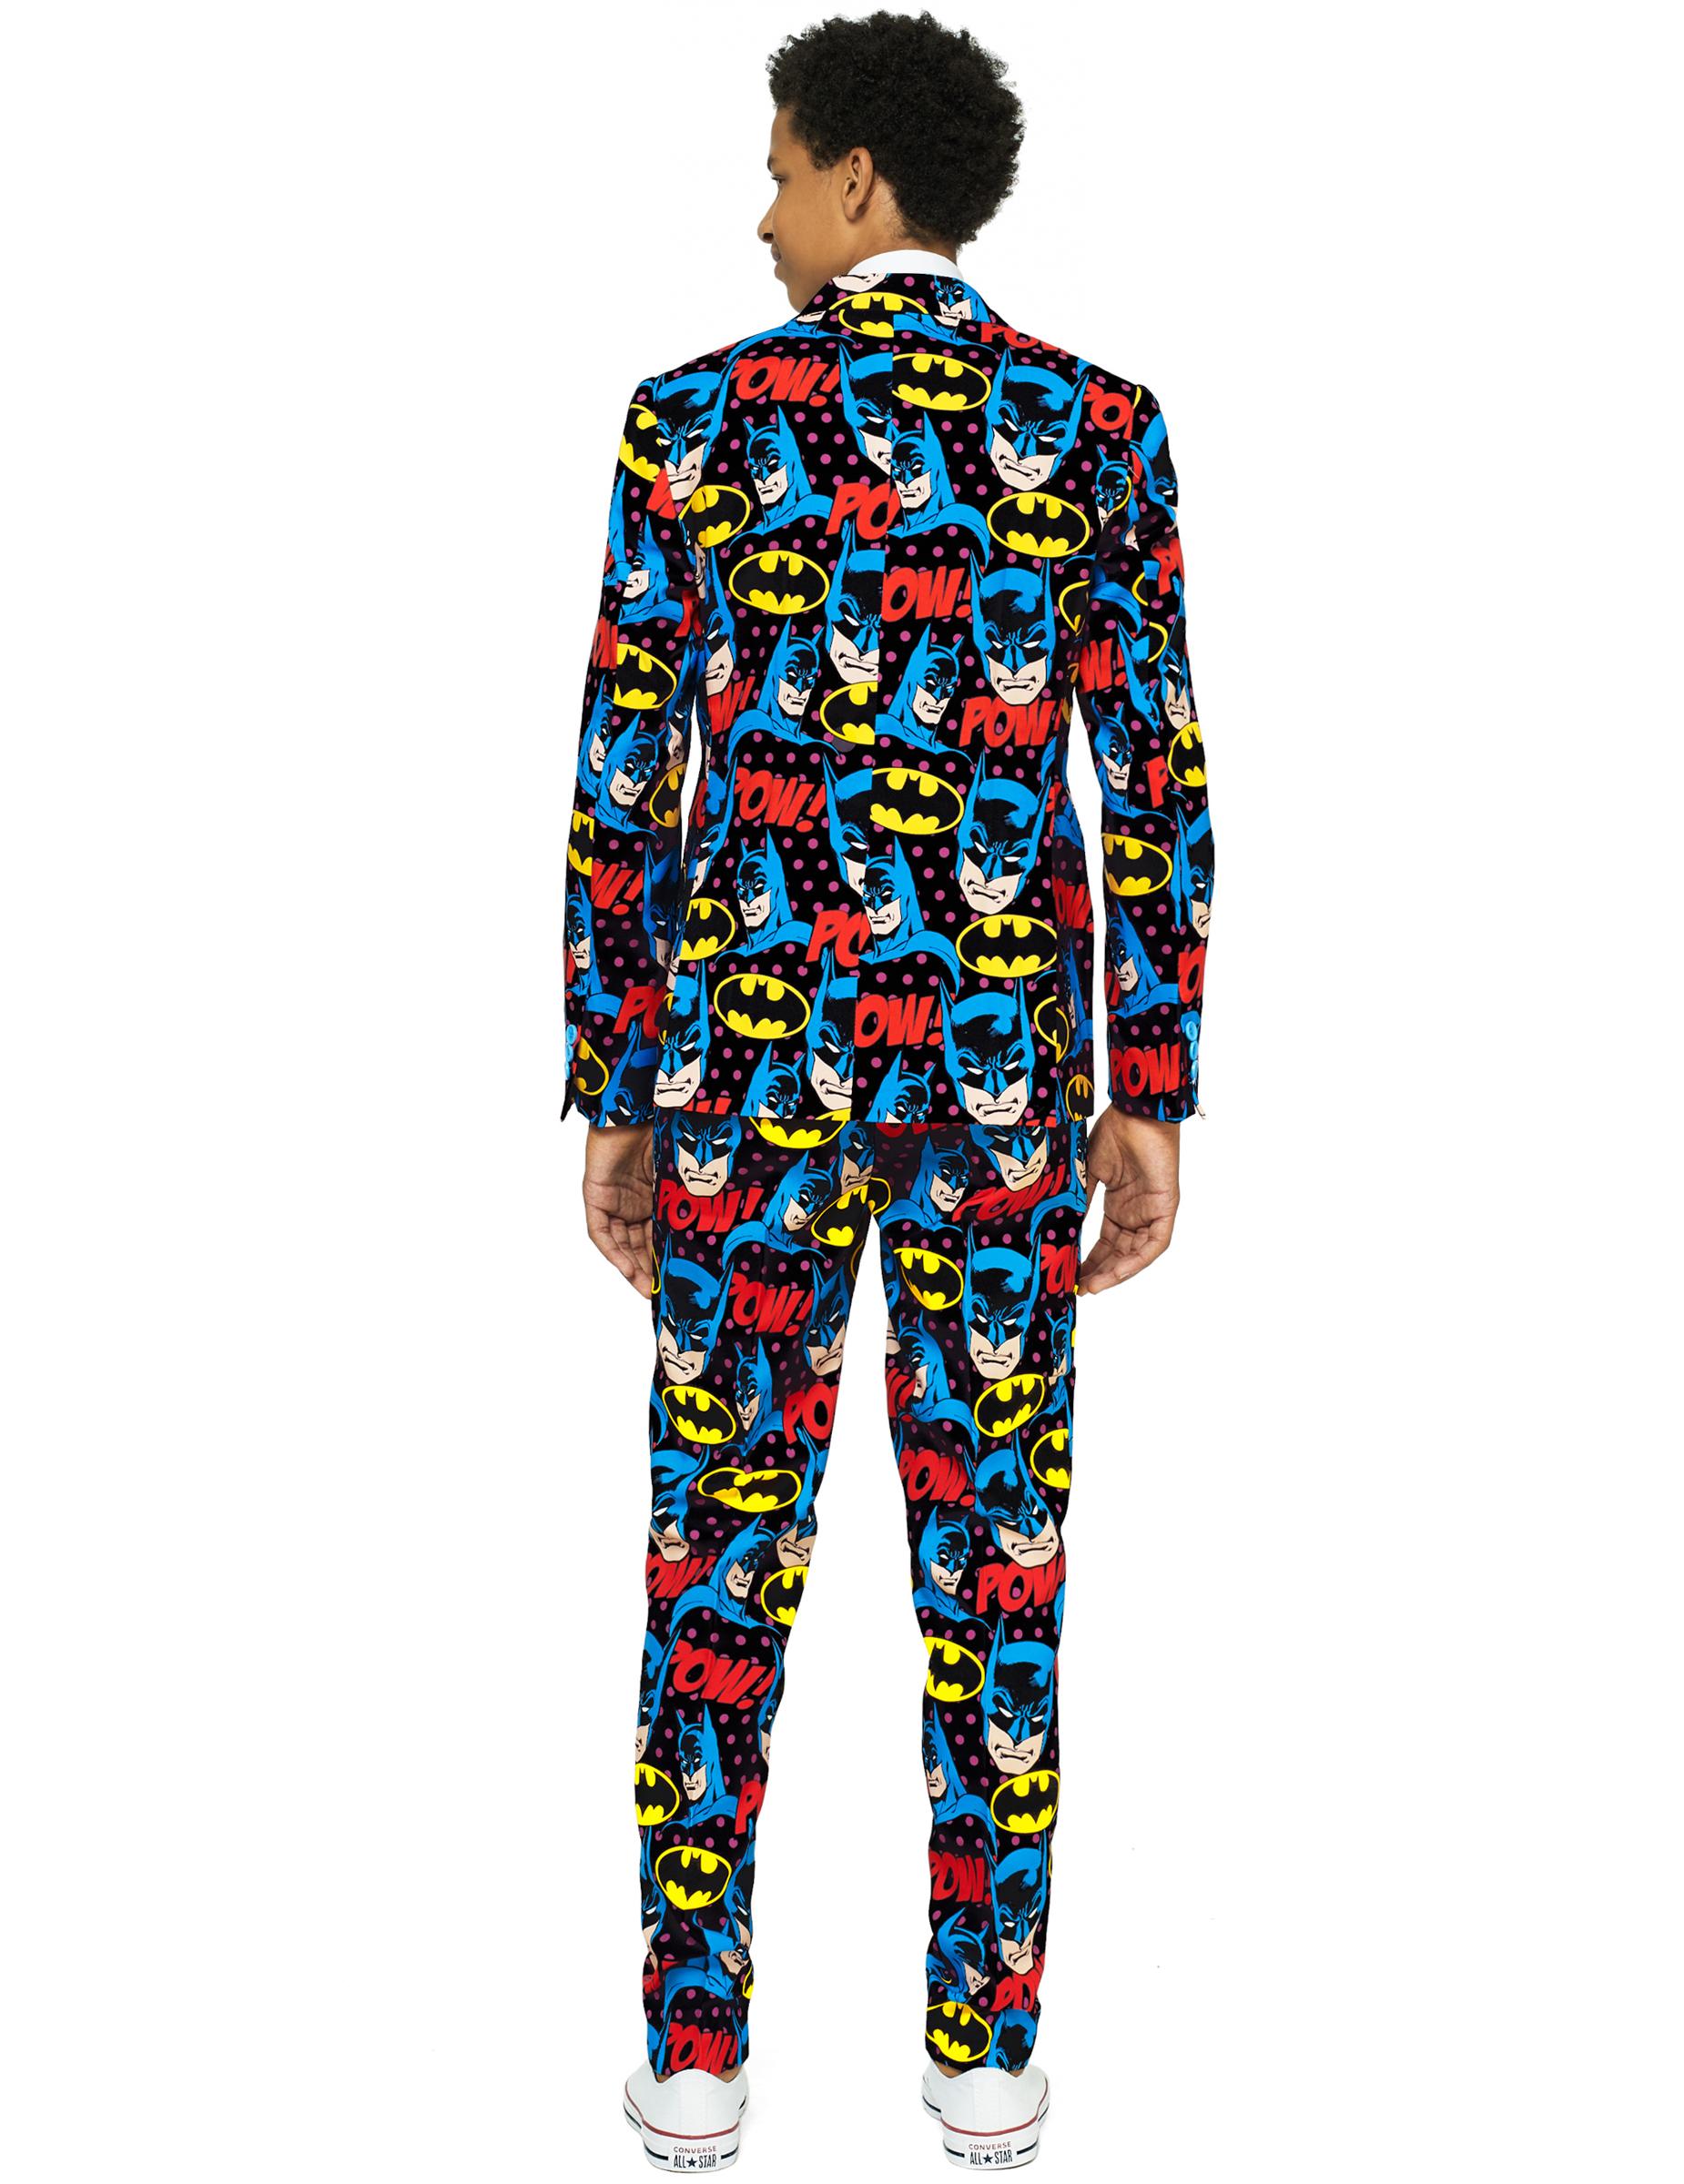 Straßenpreis große Auswahl beste Angebote für Mr. Batman™-Opposuits Anzug Teenager-Kostüm bunt